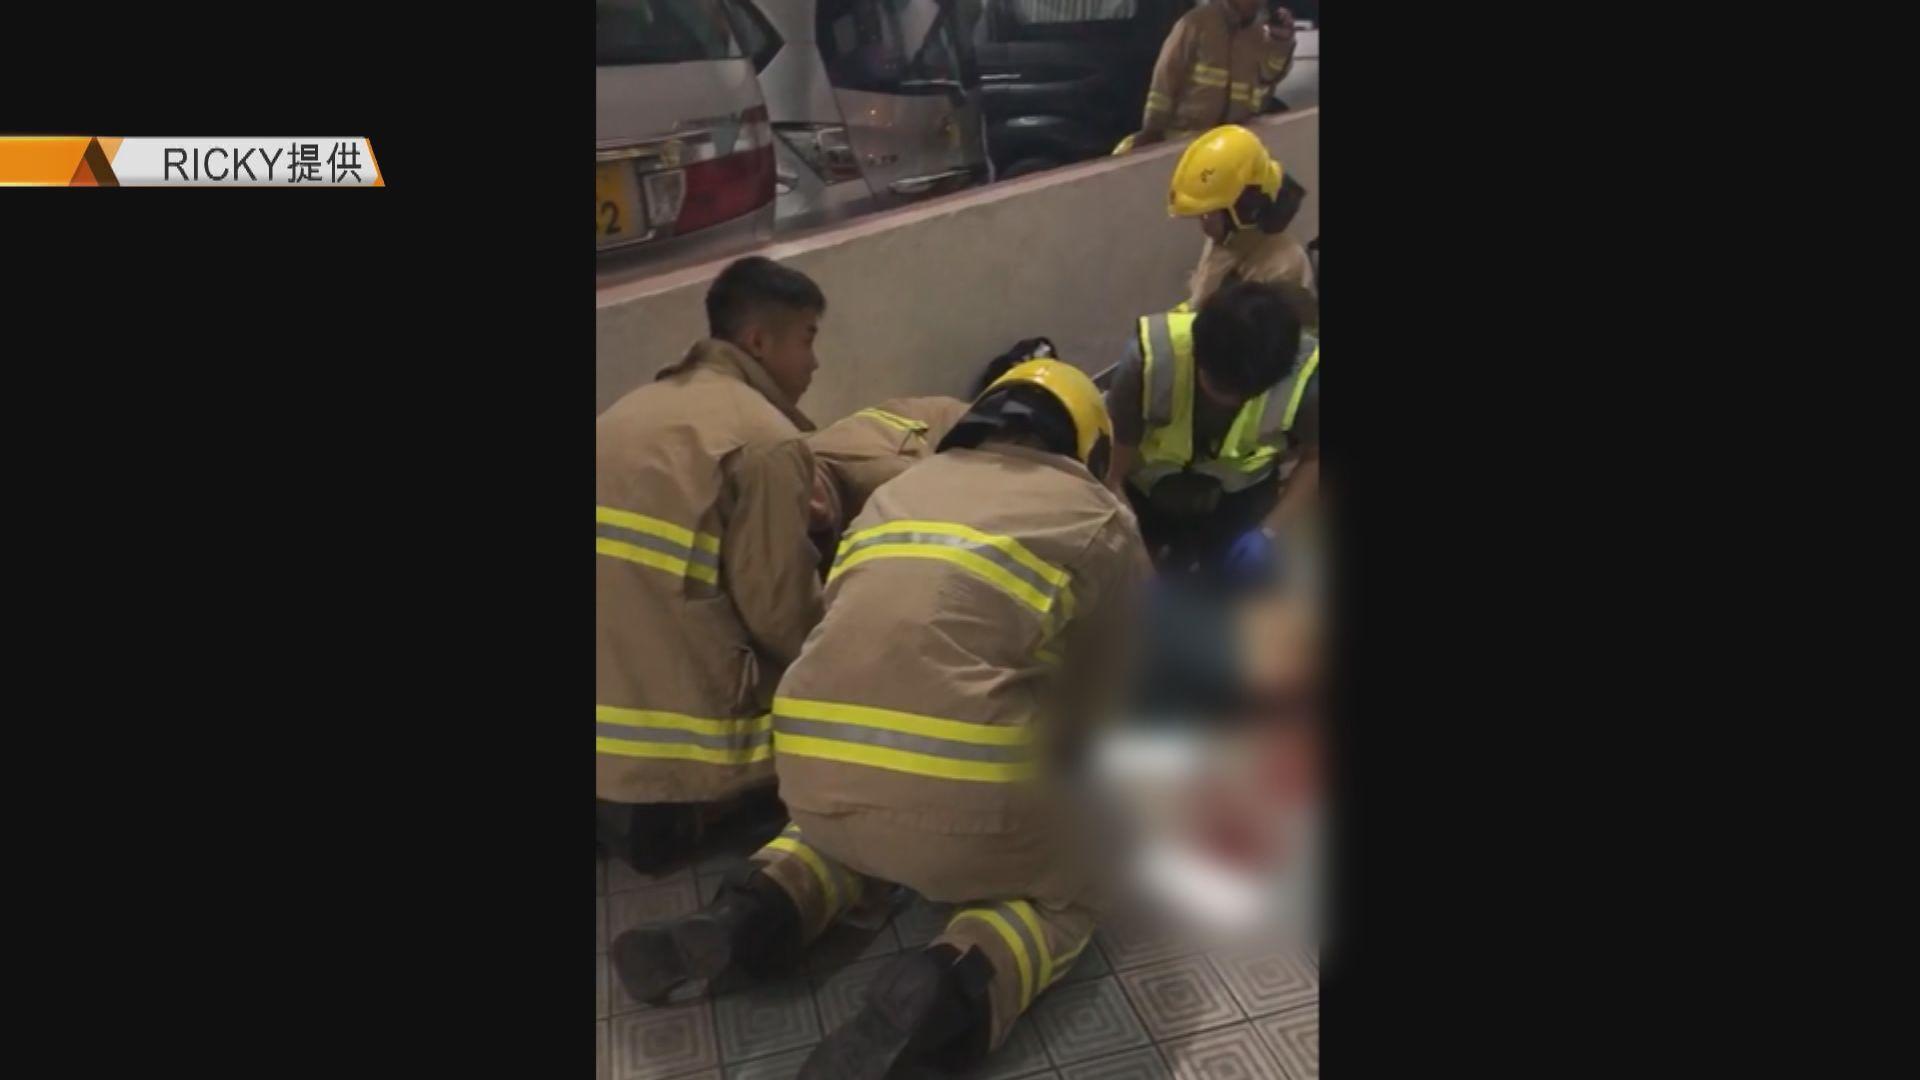 周梓樂死因研訊 市民目睹停車場二樓有人倒地